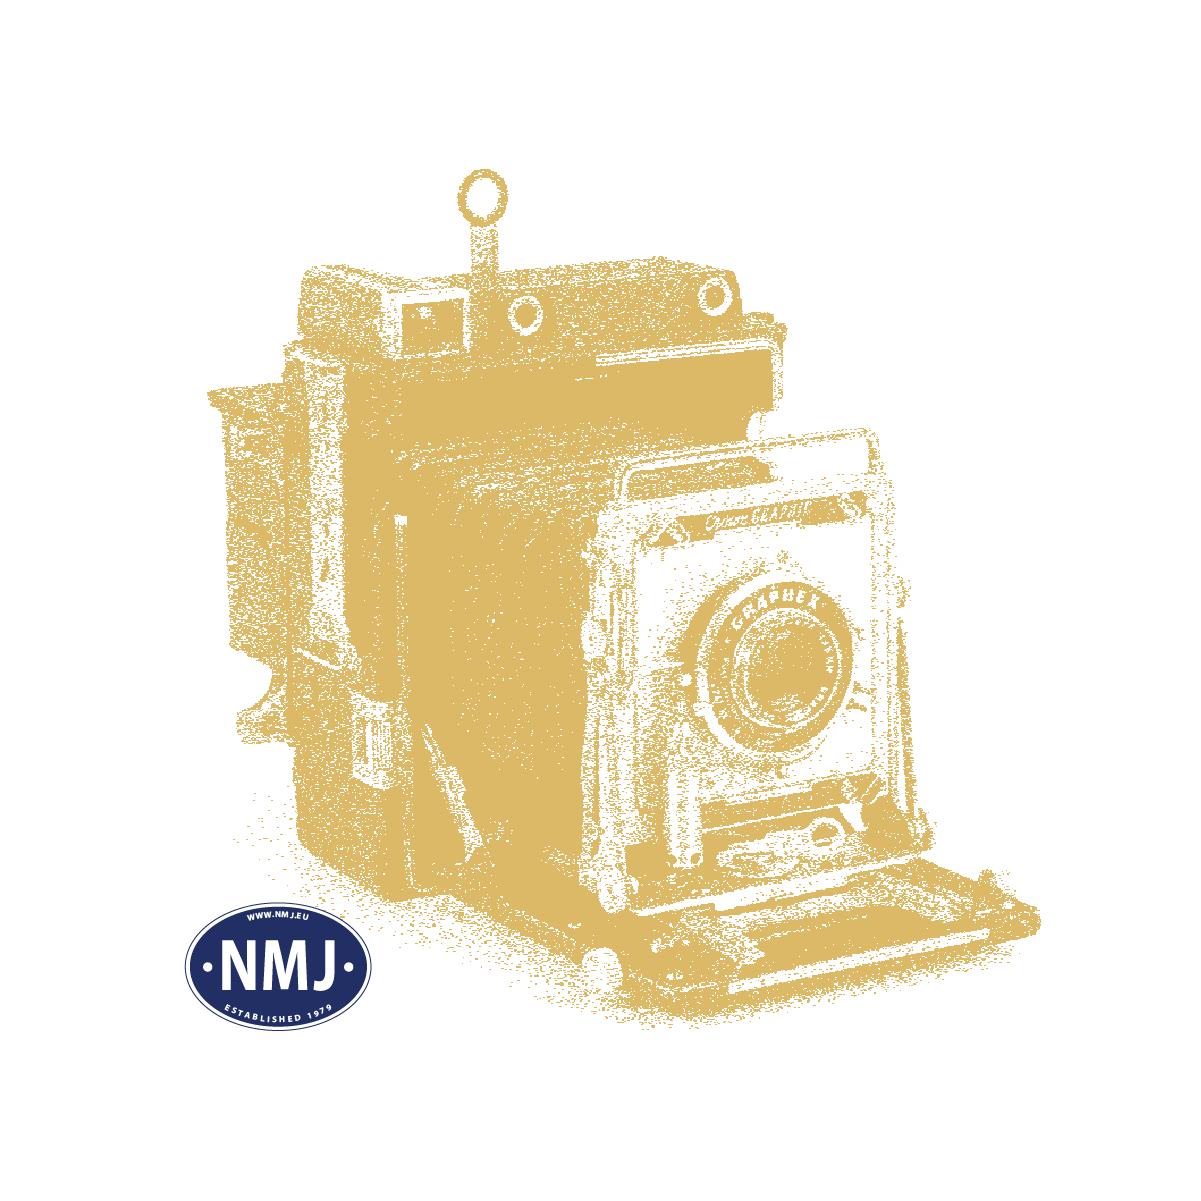 NMJSKAT17 - NMJ Superline Catalogue 2017